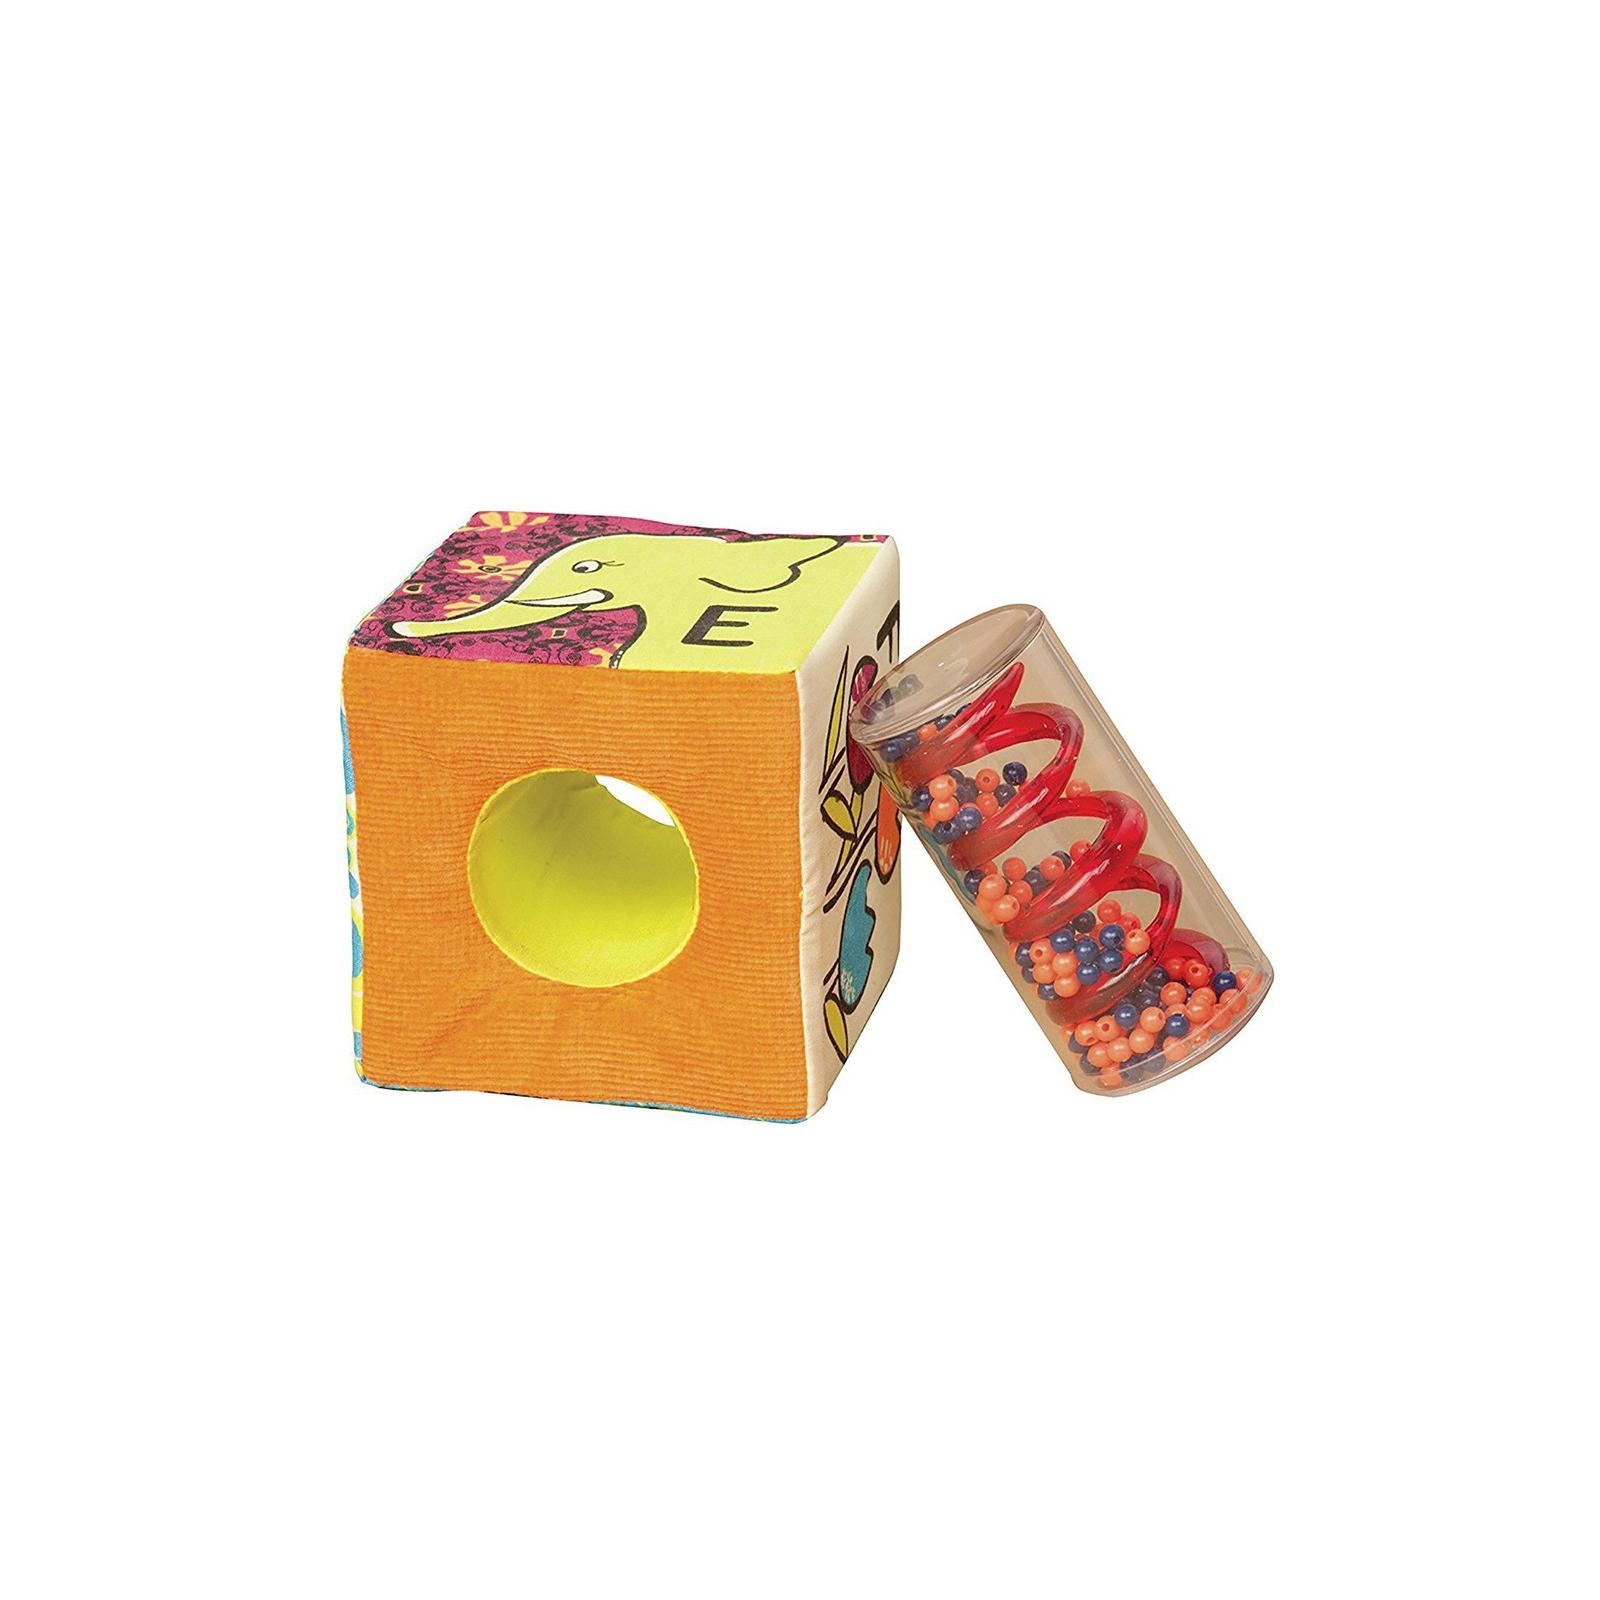 Развивающая игрушка Battat мягкие кубики-сортеры ABC (BX1477Z) изображение 2